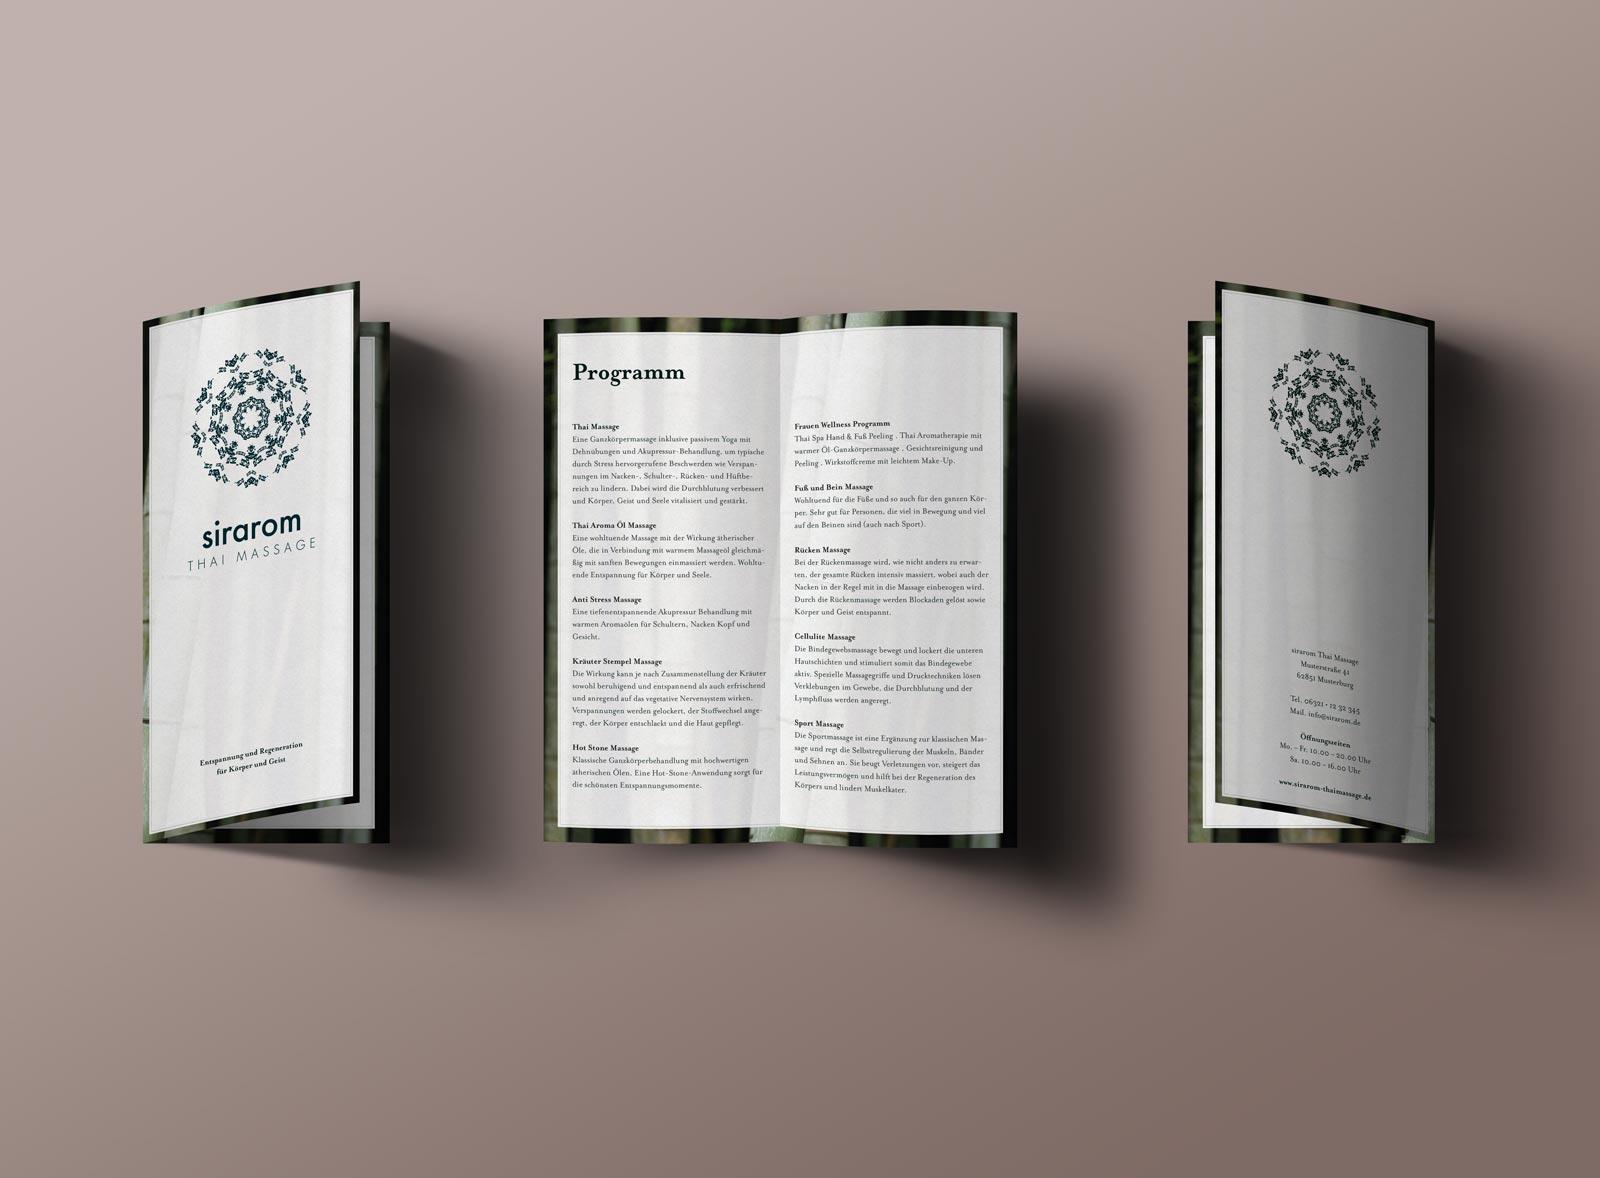 sirarom Thai Massage Corporate Design Flyer Gesa Siebert Kommunikationsdesign